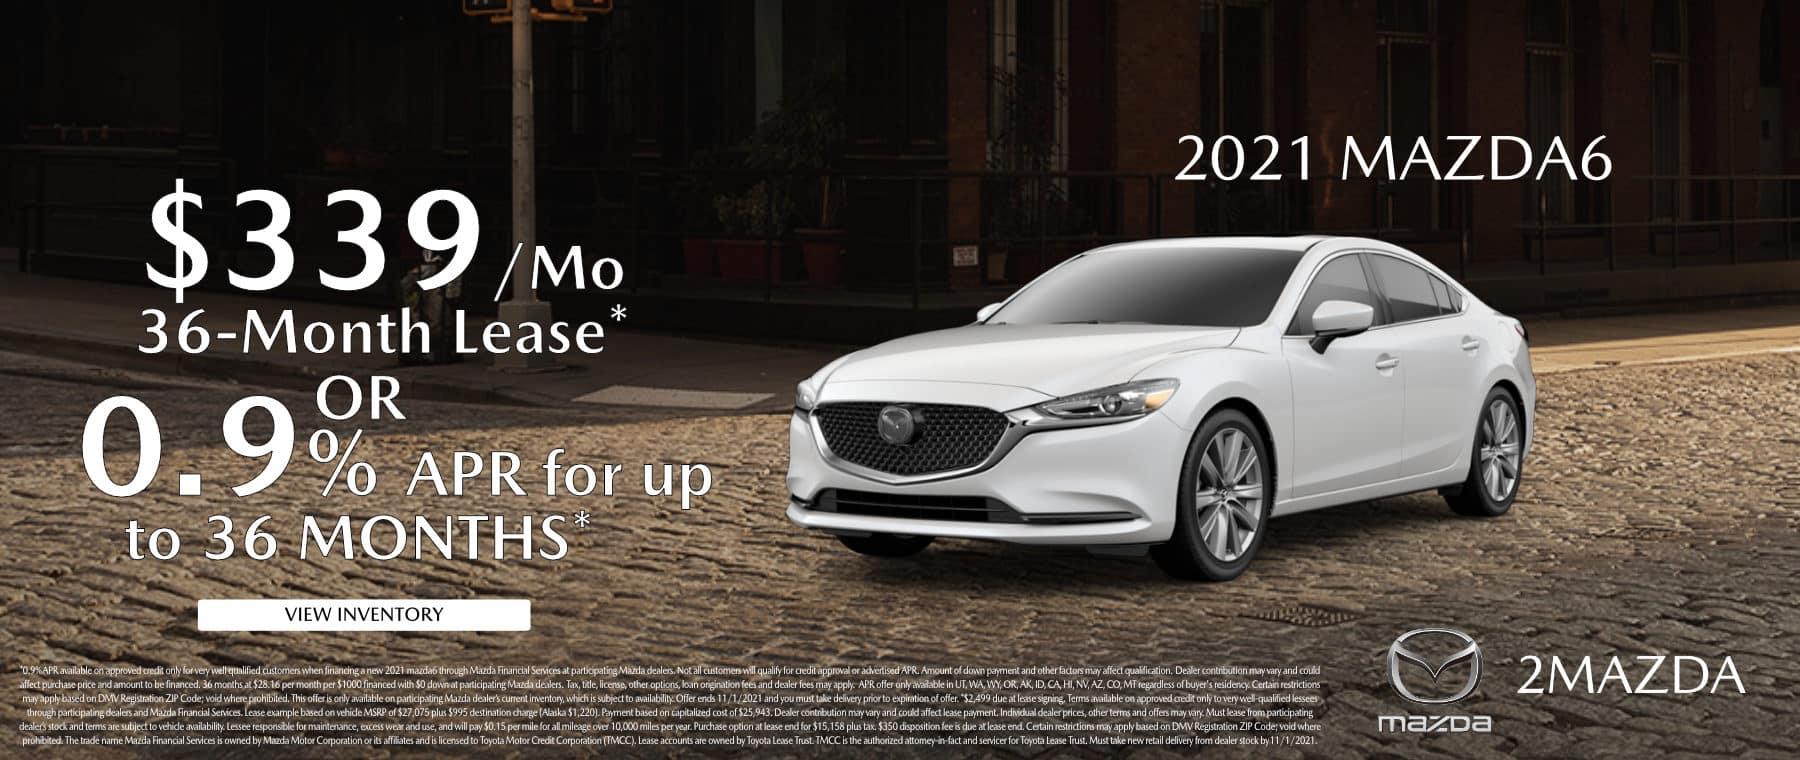 October_2021 Mazda6 2Mazda